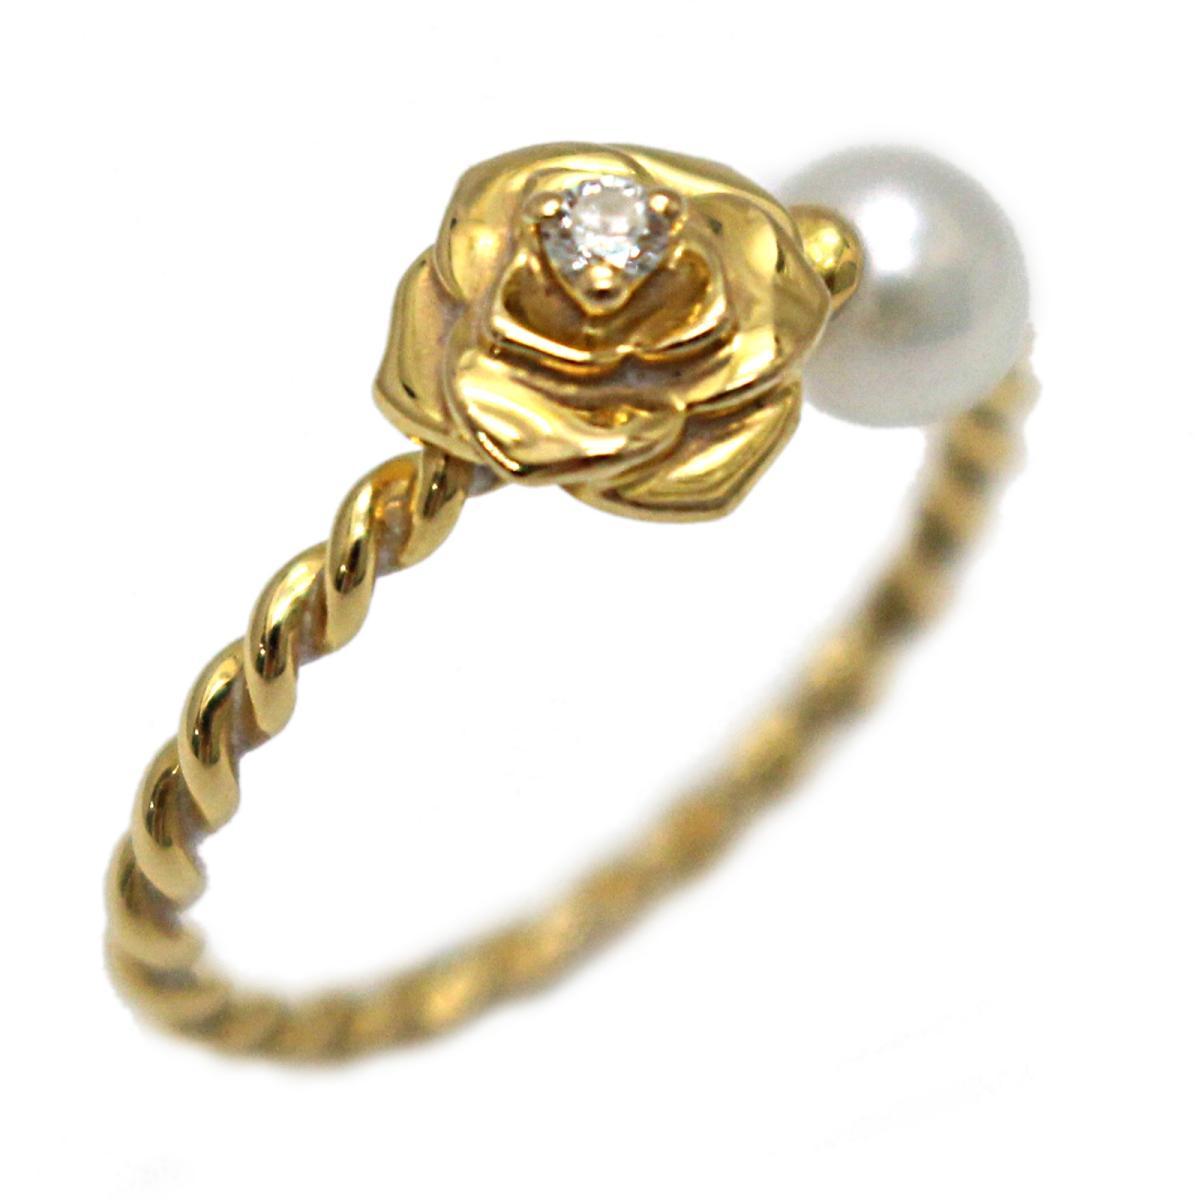 【中古】 ピアジェ ダイヤモンド パール ローズリング 指輪 レディース K18YG (750) イエローゴールド クリアー x ホワイト ゴールド (G34UV248)   PIAGET BRANDOFF ブランドオフ ブランド ジュエリー アクセサリー リング